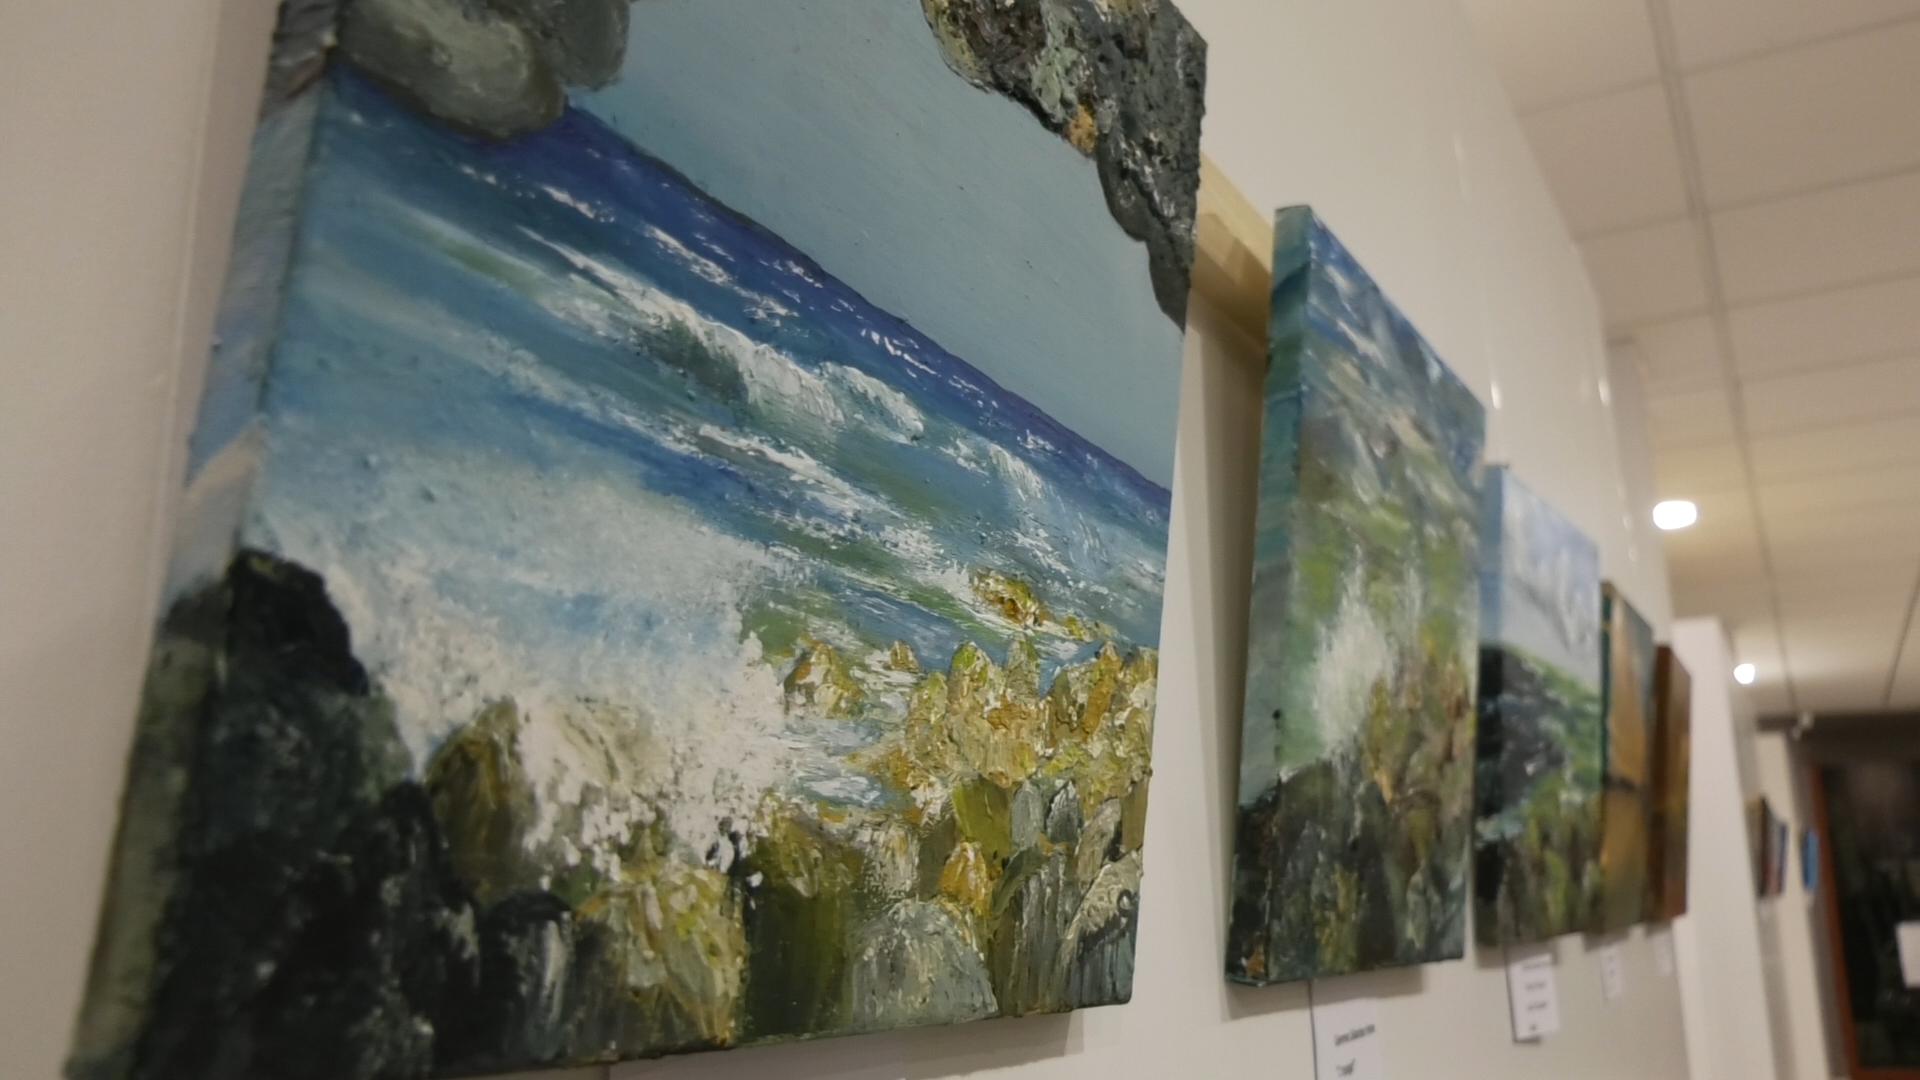 """NOU REPORTATGE: Fins el dia15 pots visitar l'Exposició """"30×30=30"""" dels Amics per l'Art del Maresme"""